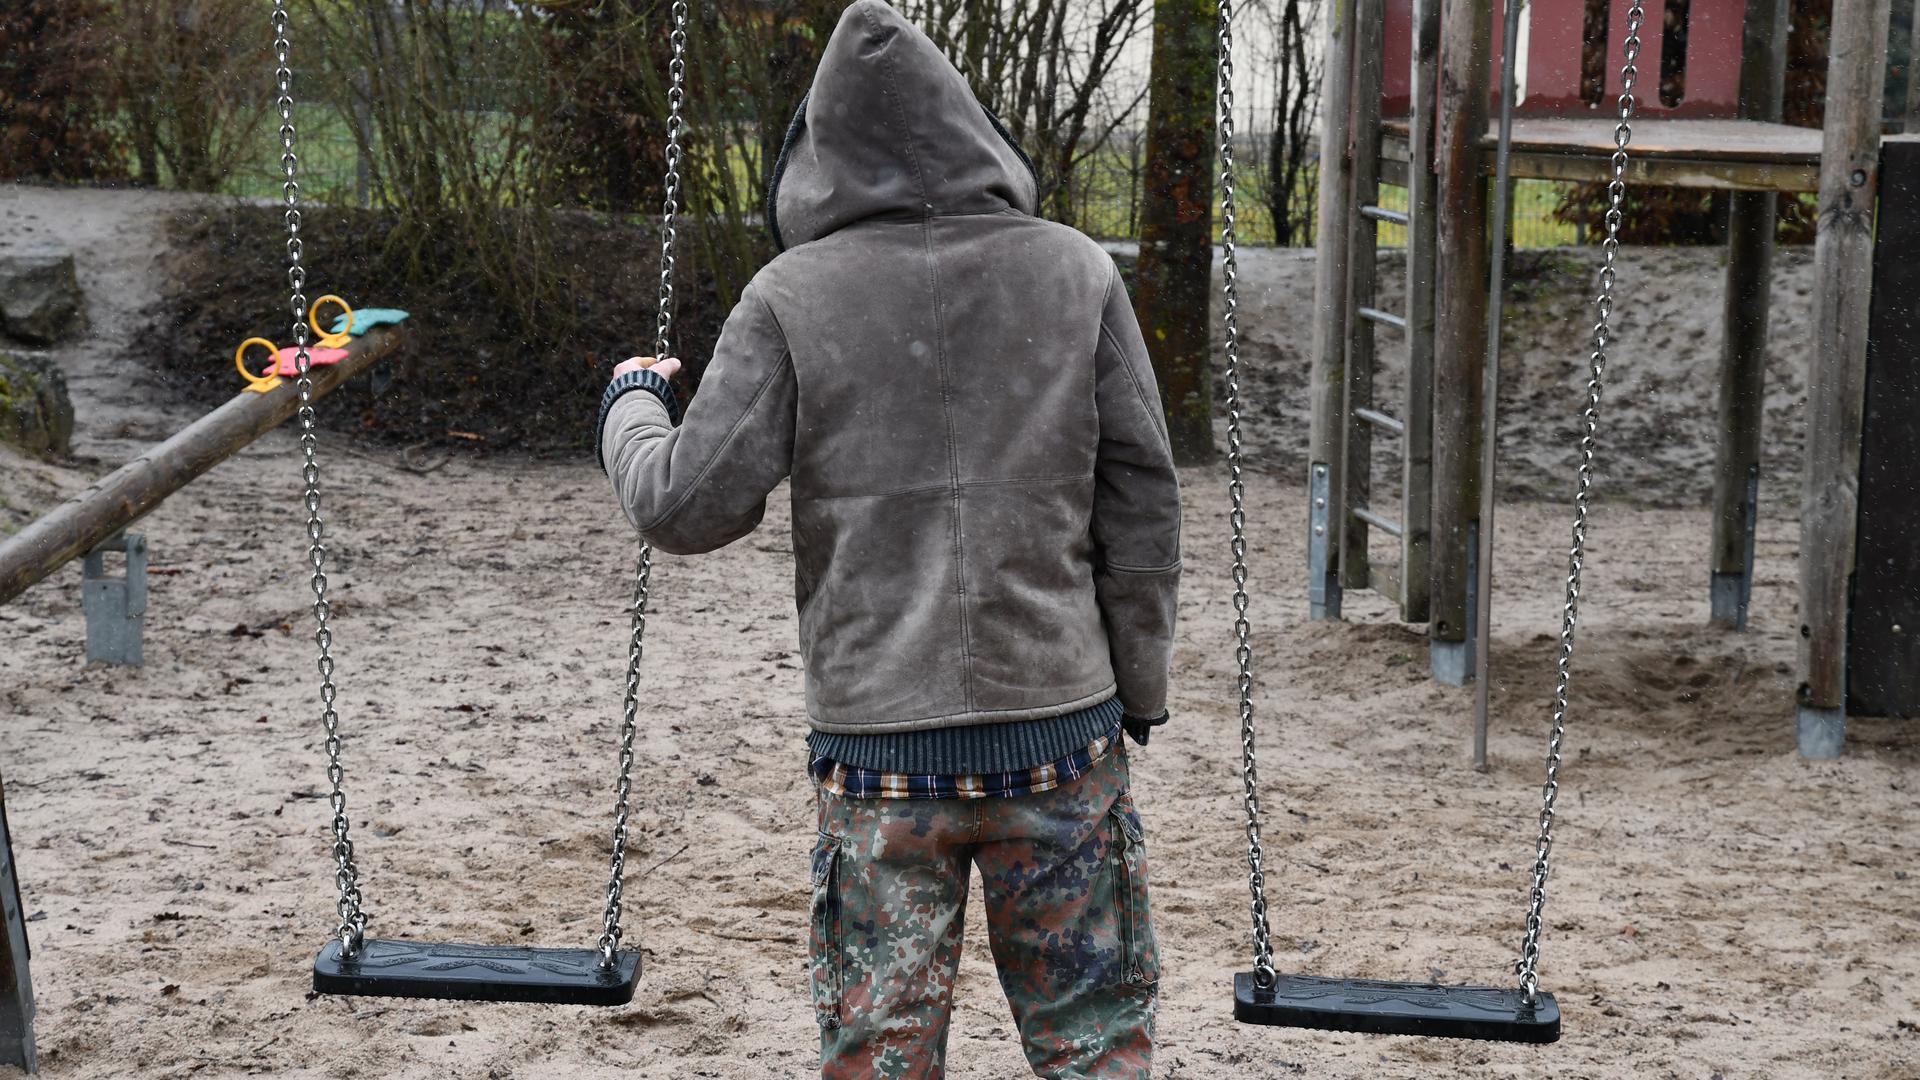 Allein auf dem Spielplatz: Mirco Schmidt möchte wie früher mit seiner Tochter auf Klettergerüsten herumtoben und die Kleine anschaukeln.